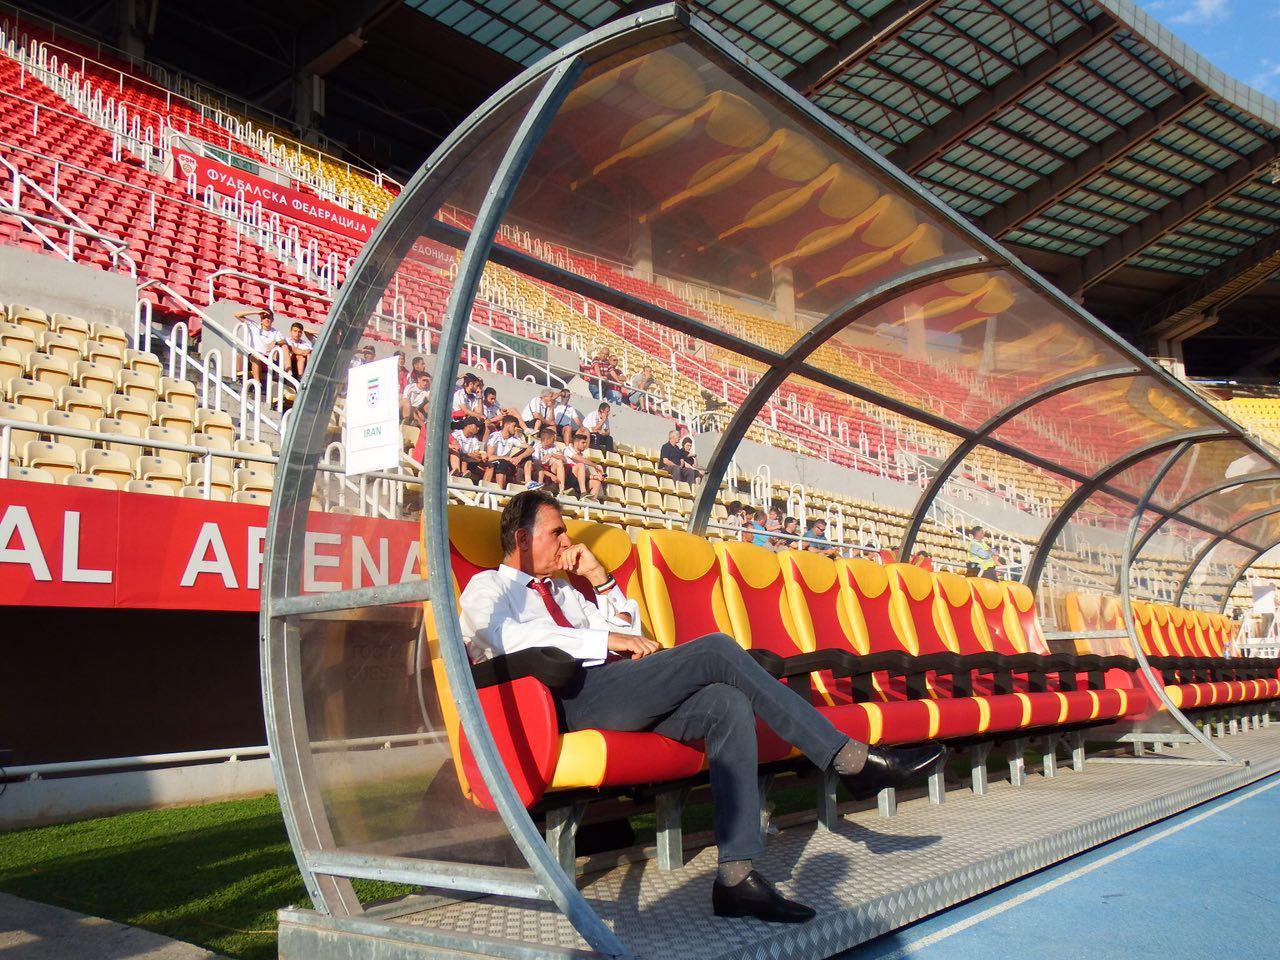 تصاویری از ورزشگاه اسکوپیه